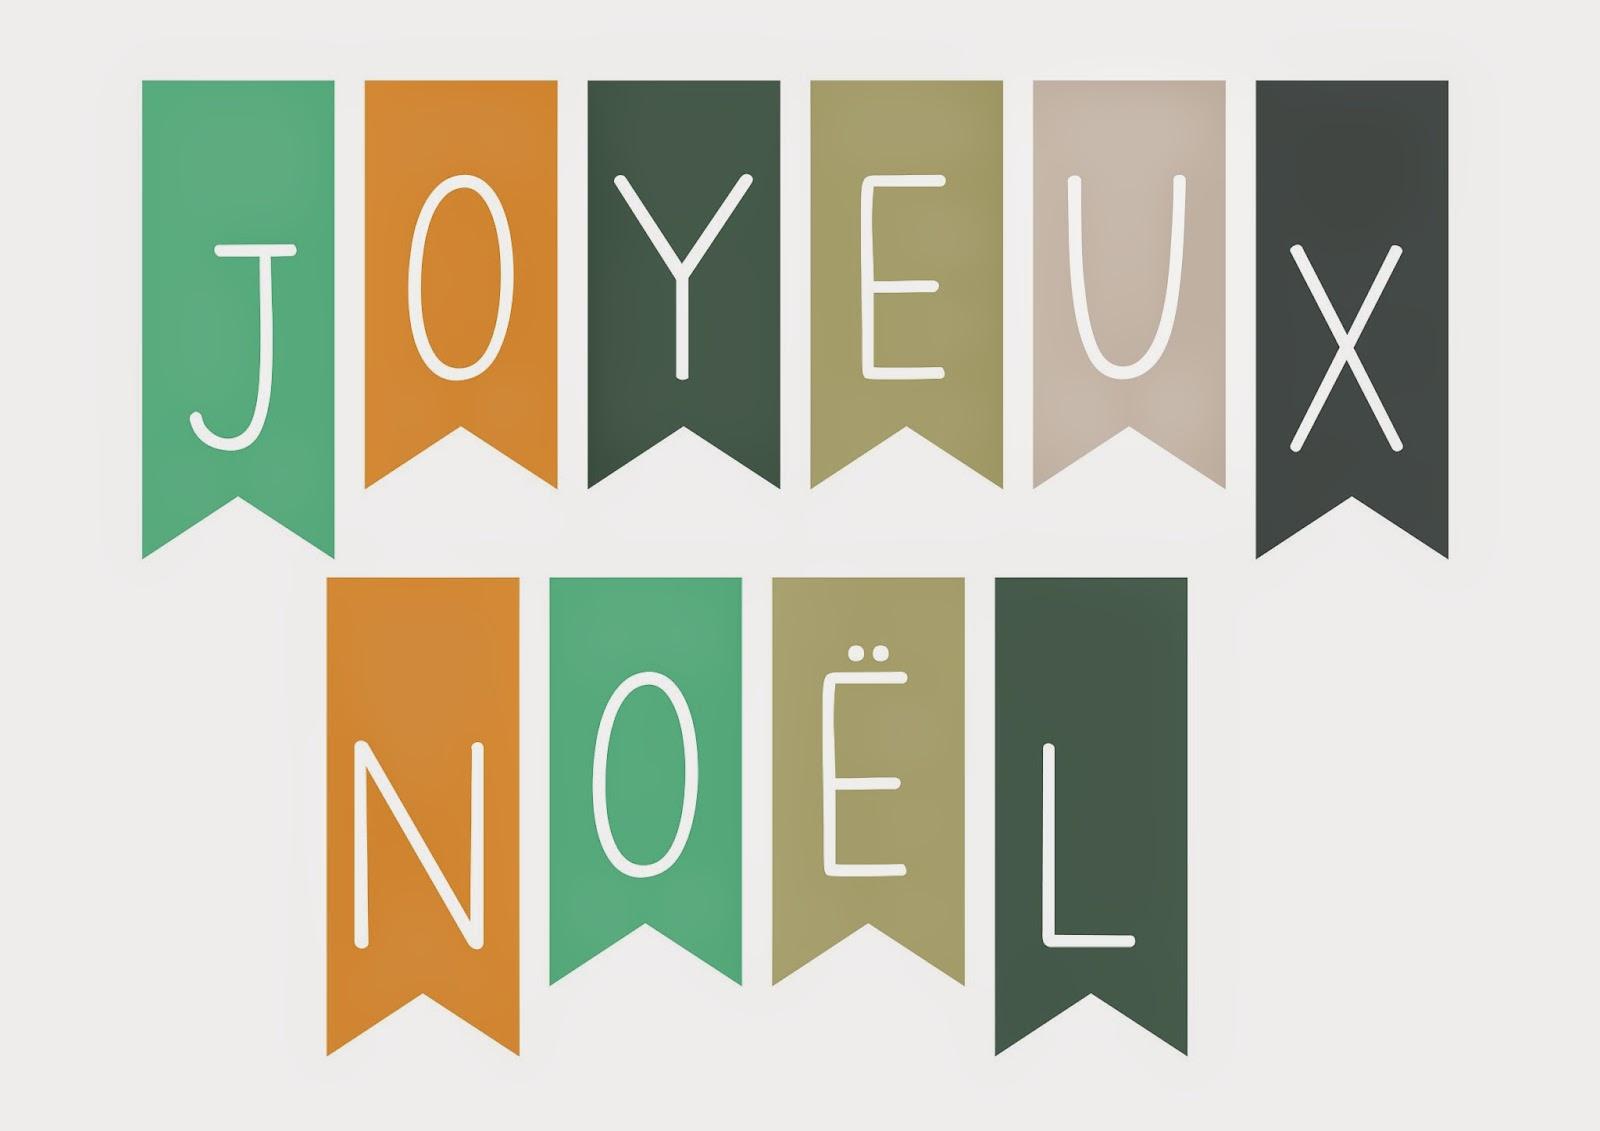 Adc l 39 atelier d 39 c t am nagement int rieur design d 39 espace et d coration calendrier de l - Guirlande joyeux noel ...